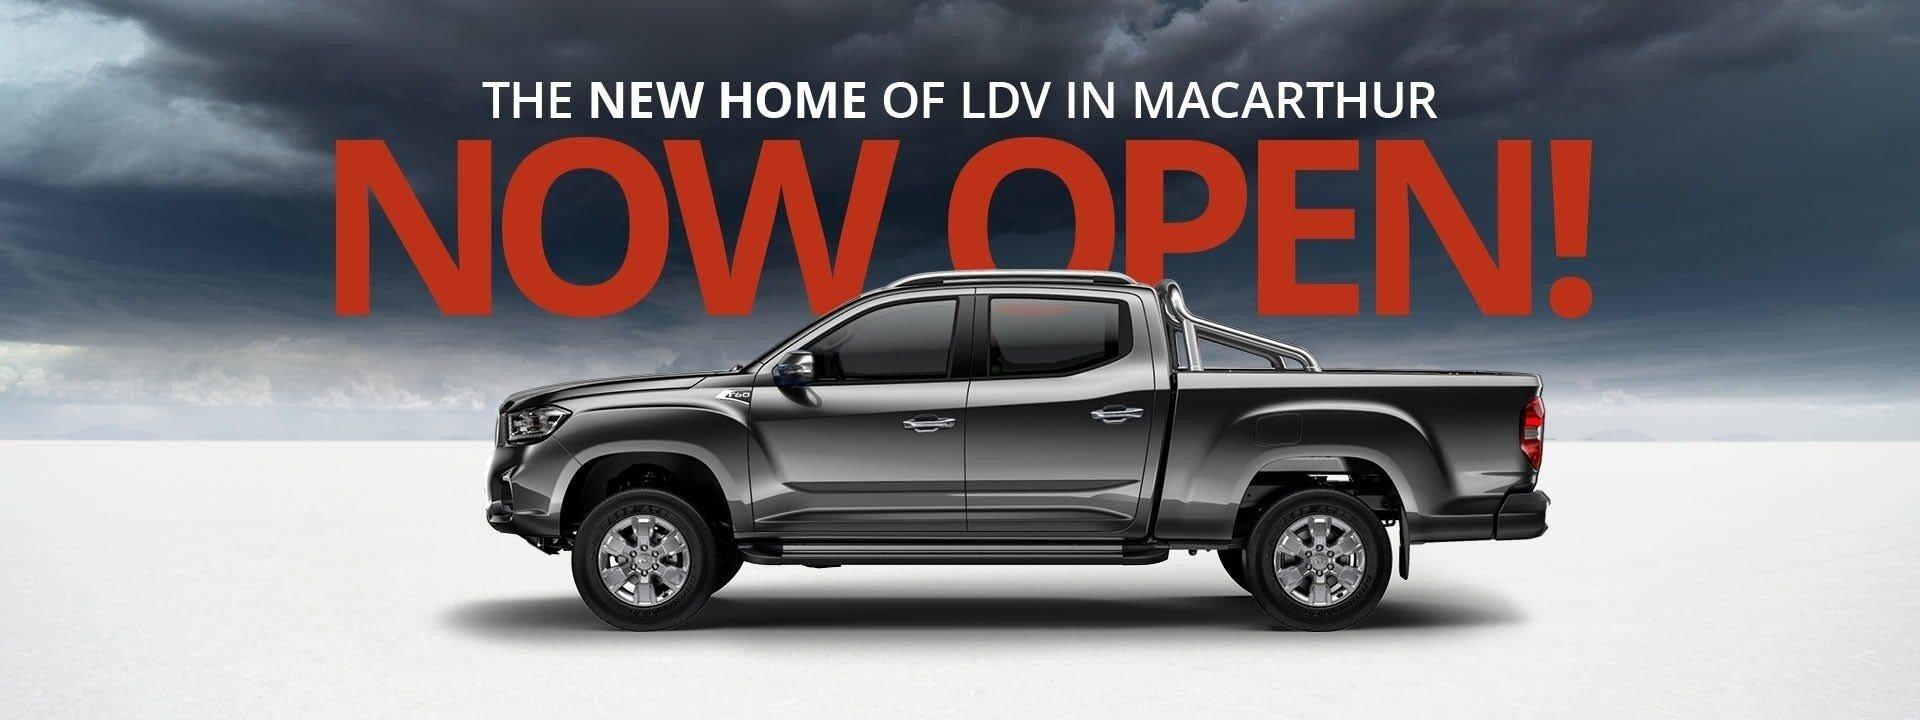 Macarthur LDV Now Open